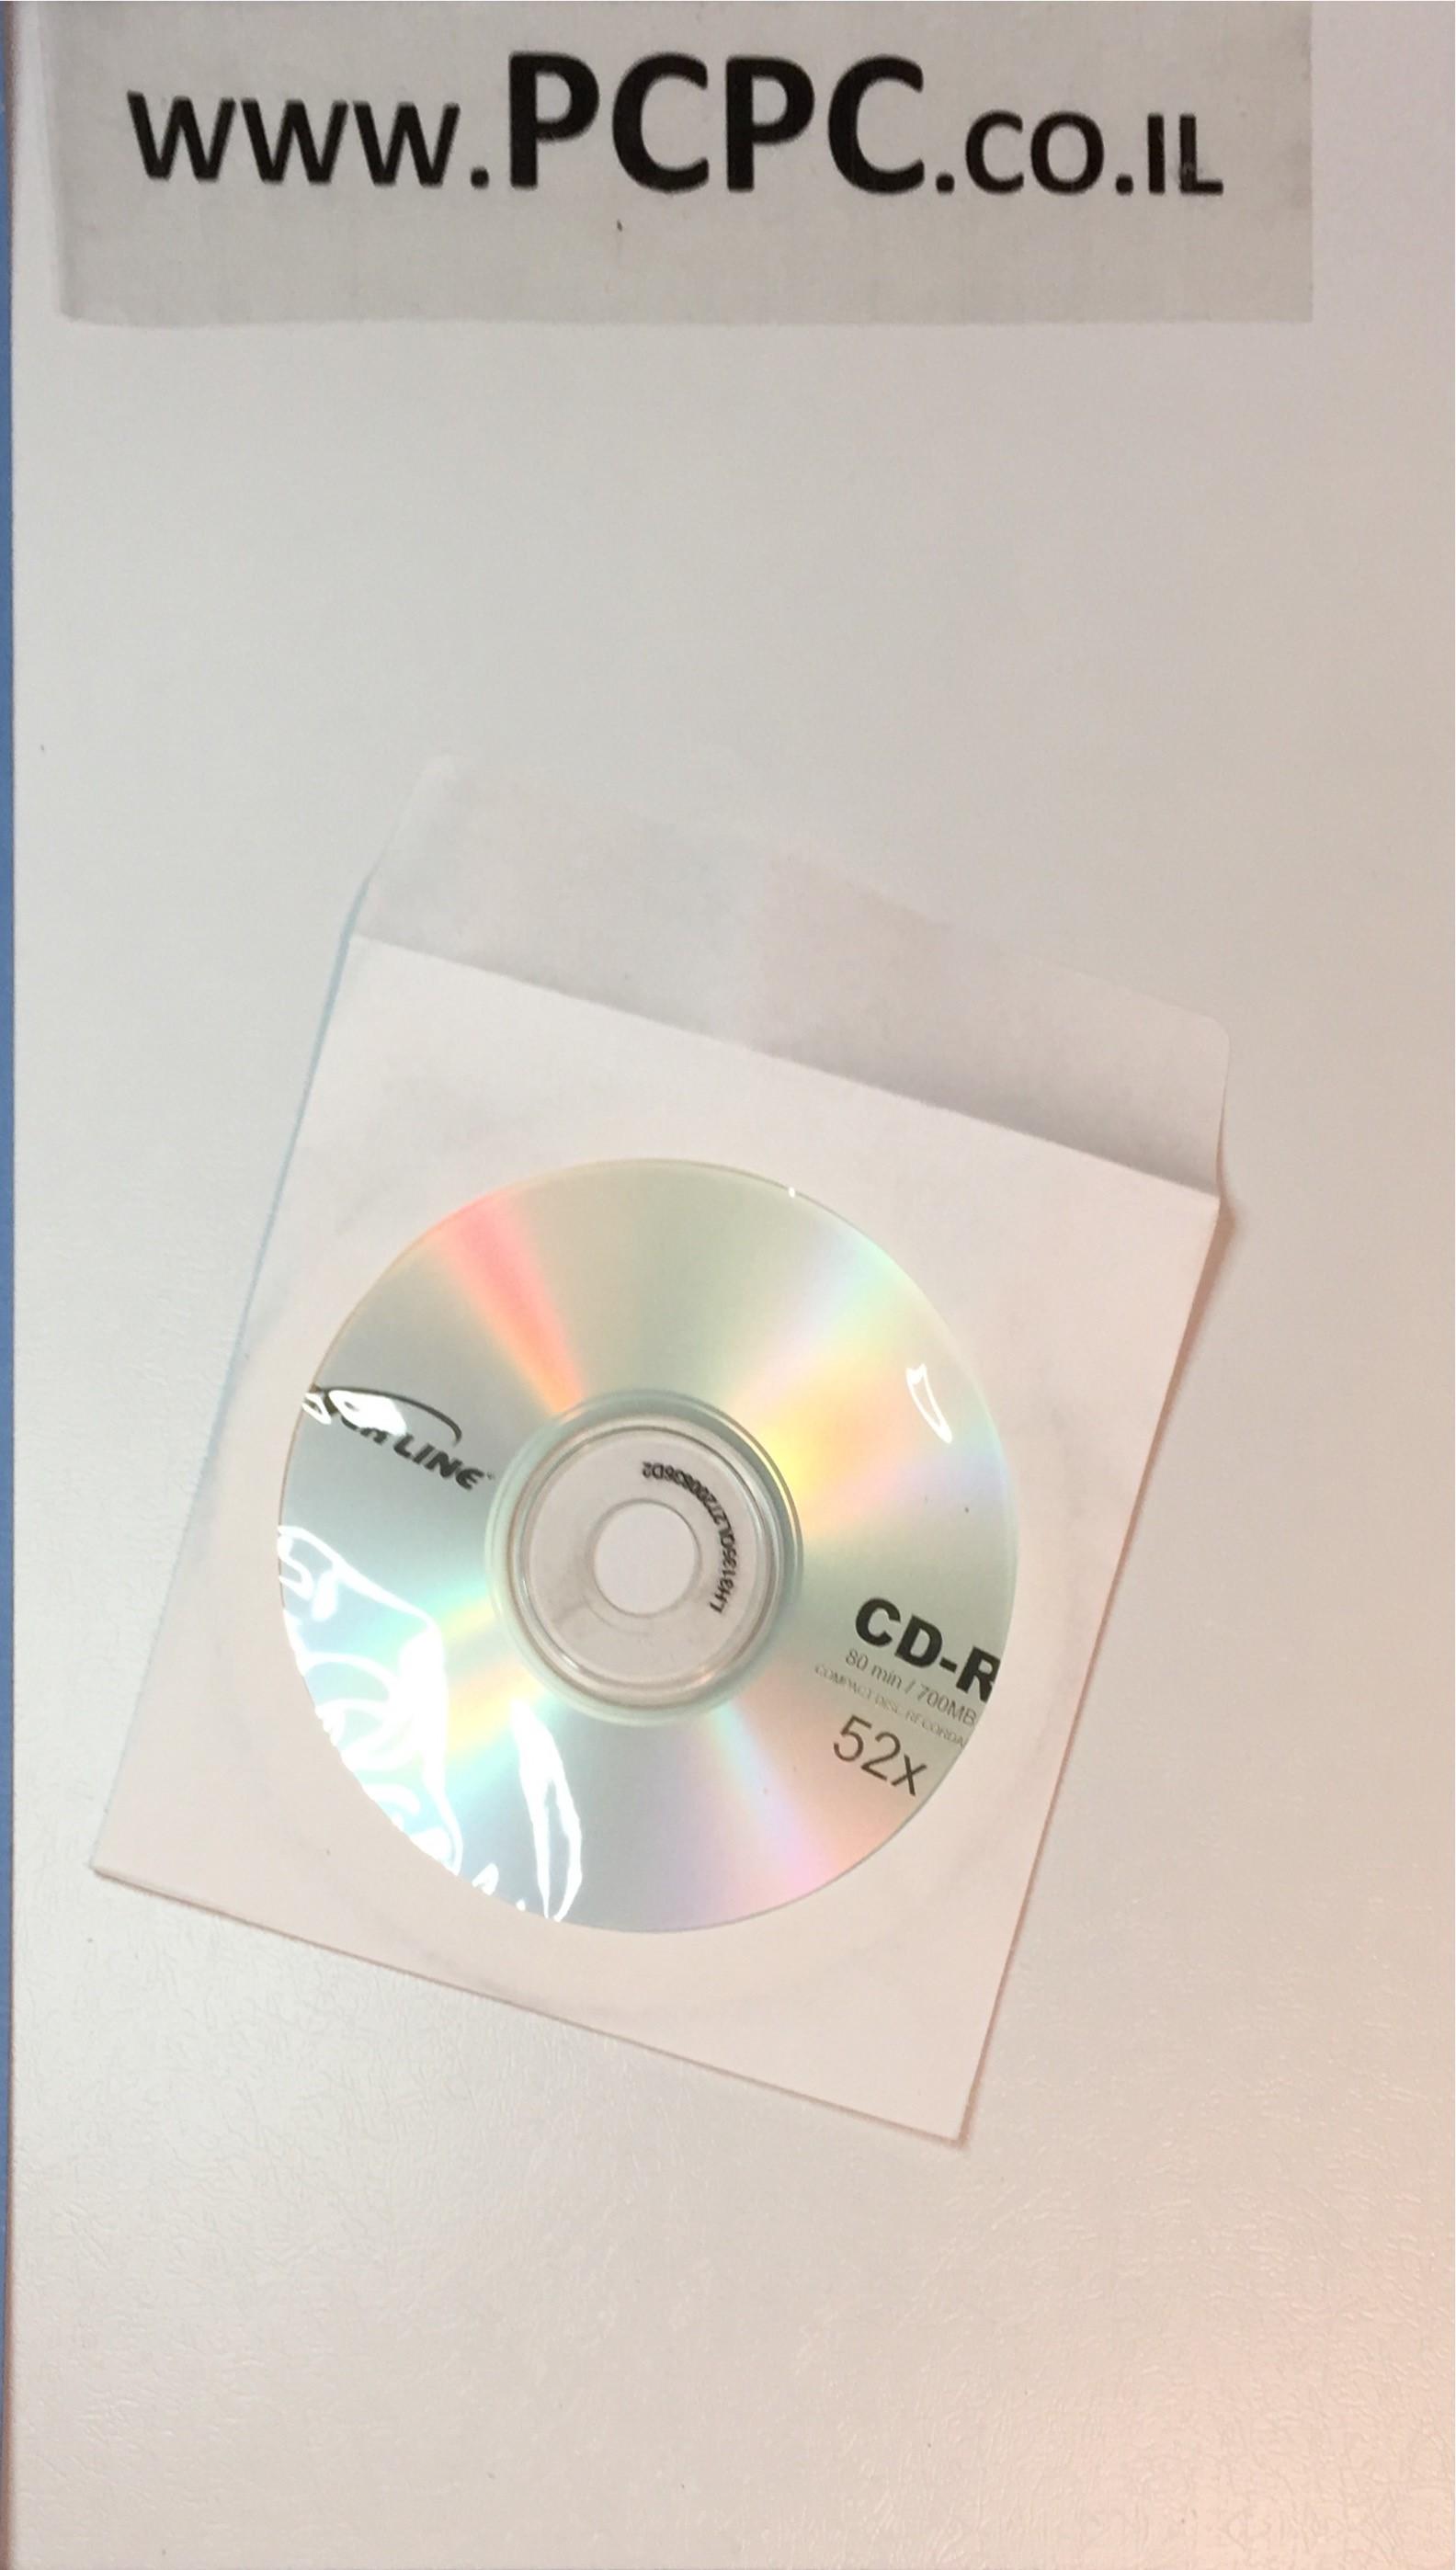 מעטפות נייר לבנות עם חלון לדיסק 100 יחידות